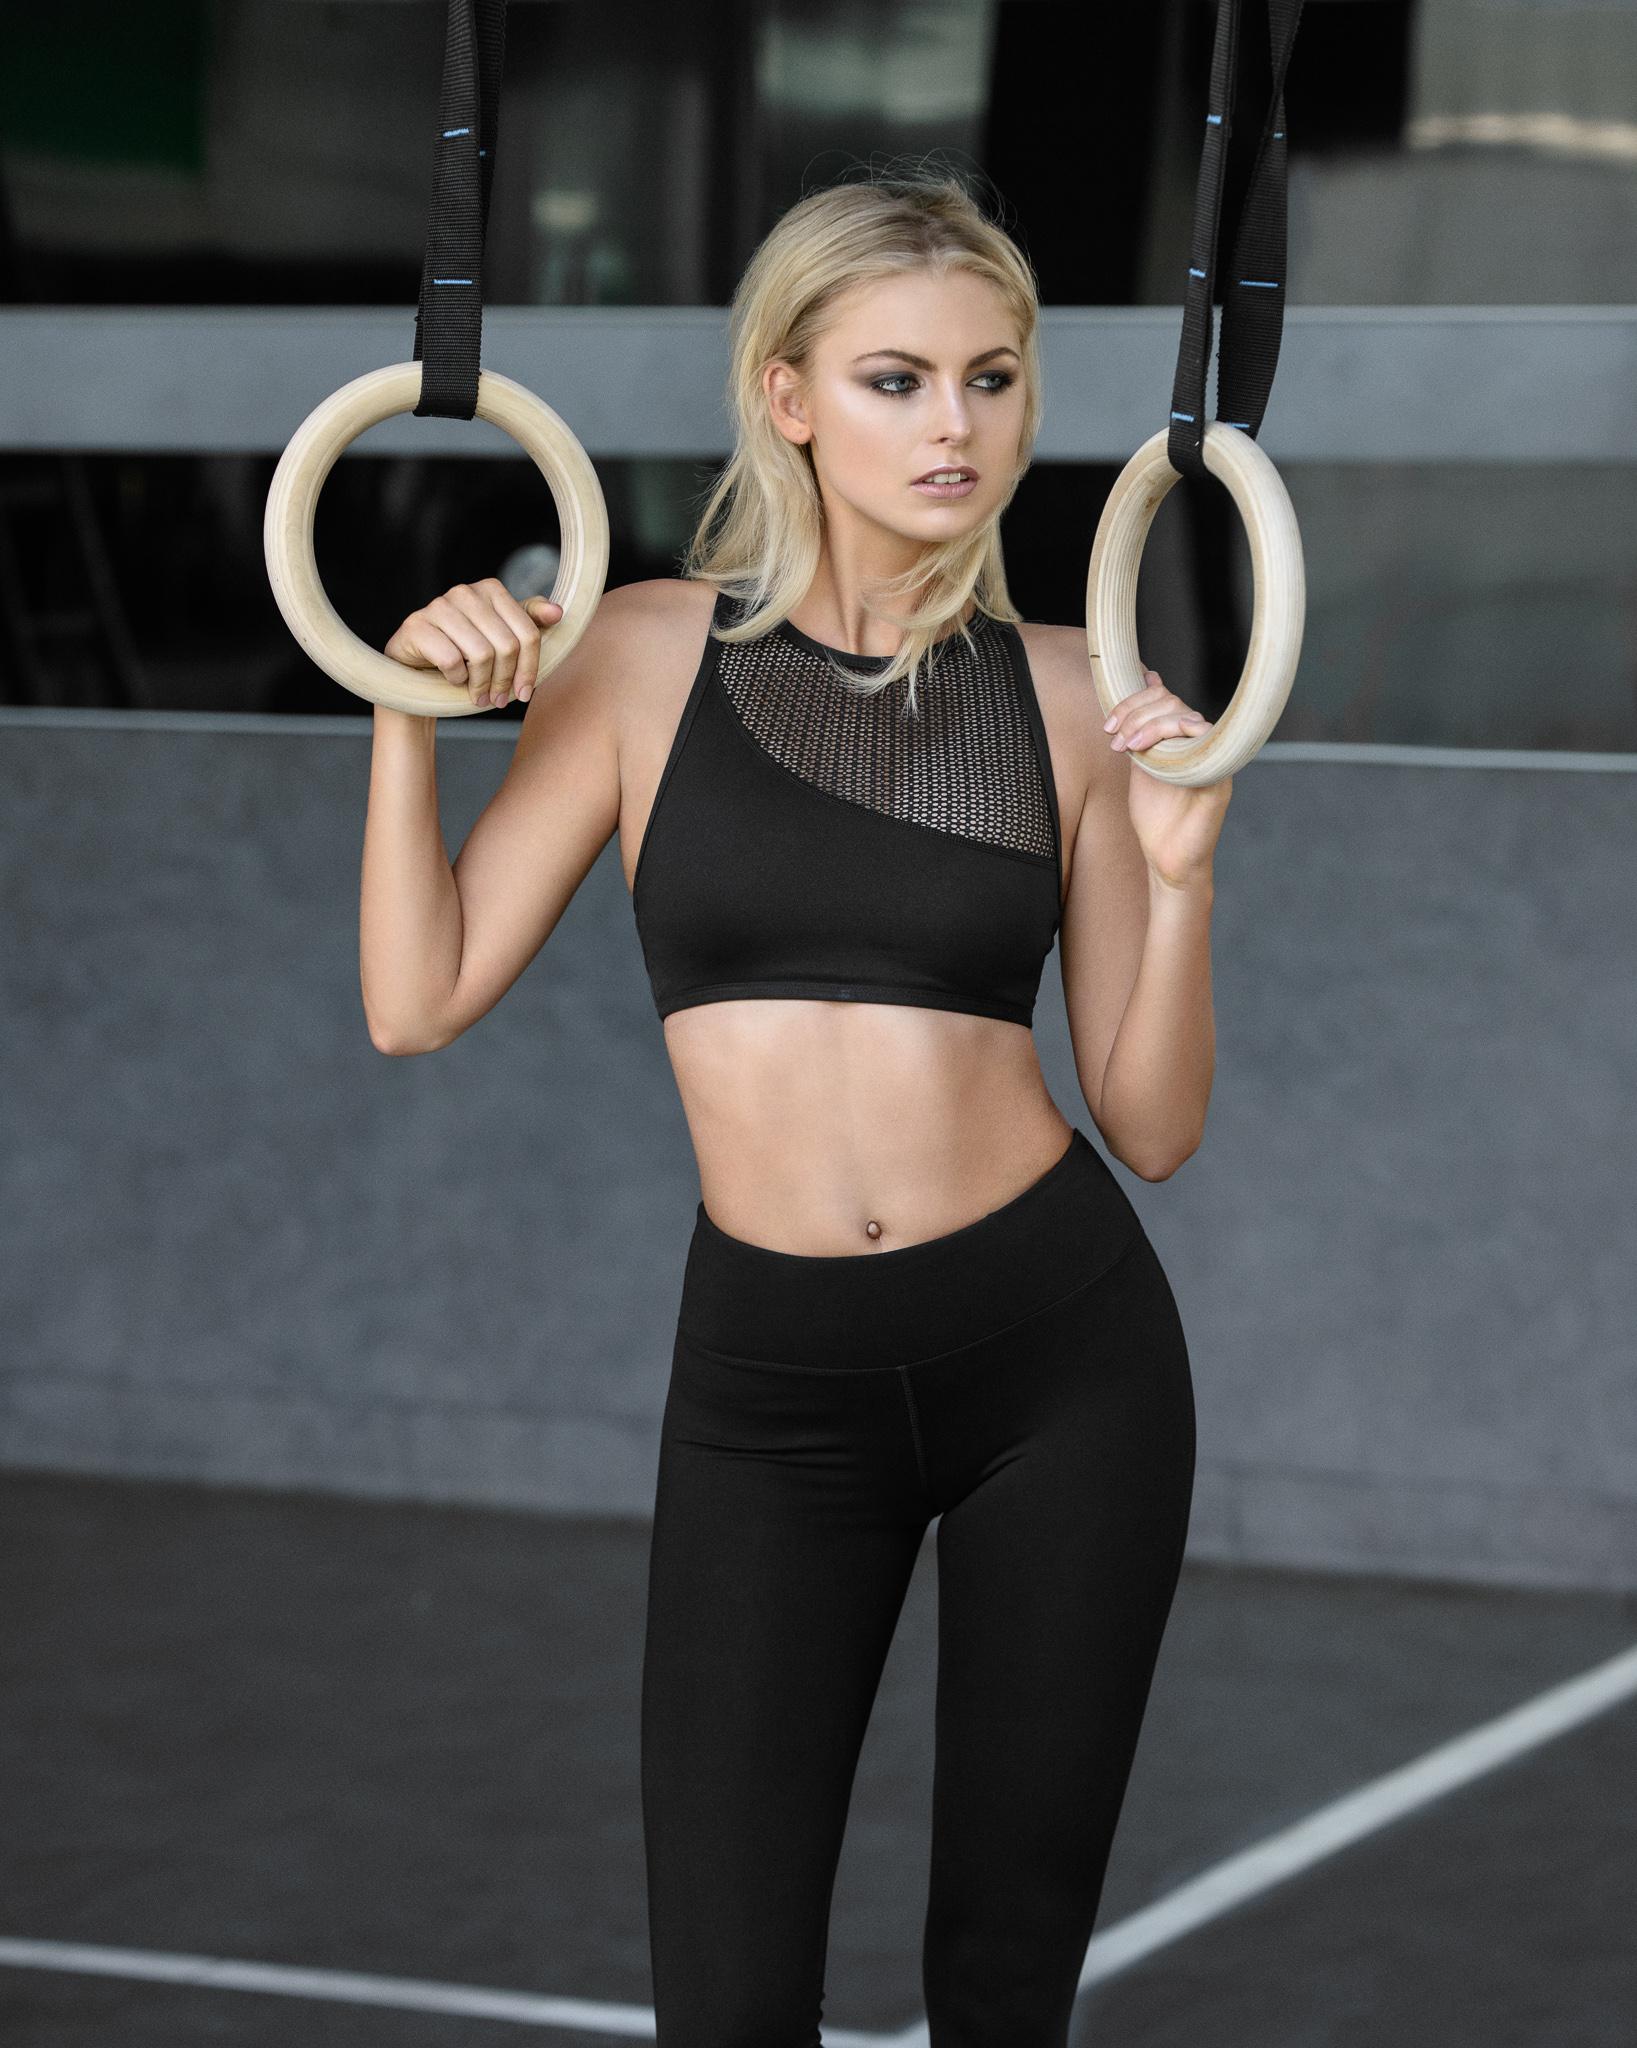 Sport Le Moda Campaign '17